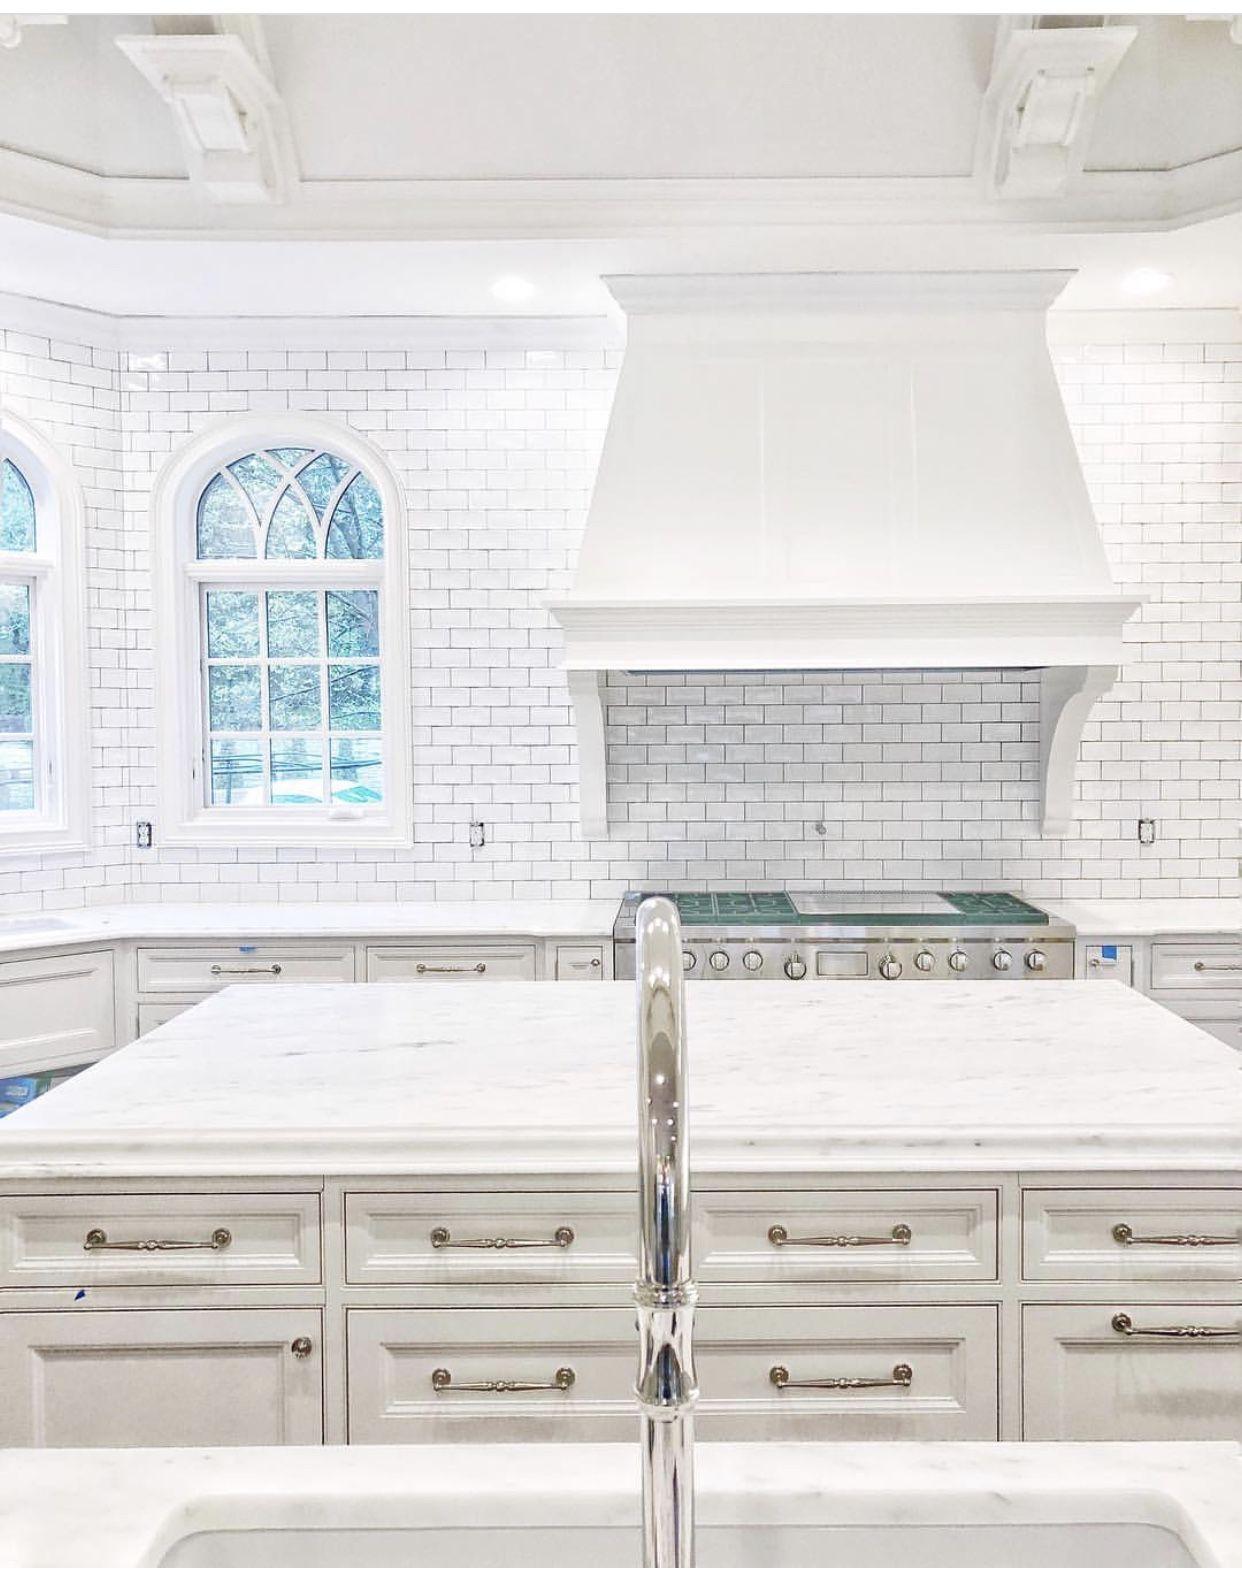 Backsplash around kitchen window  all white kitchen subway tile backsplash with slightly darker grout